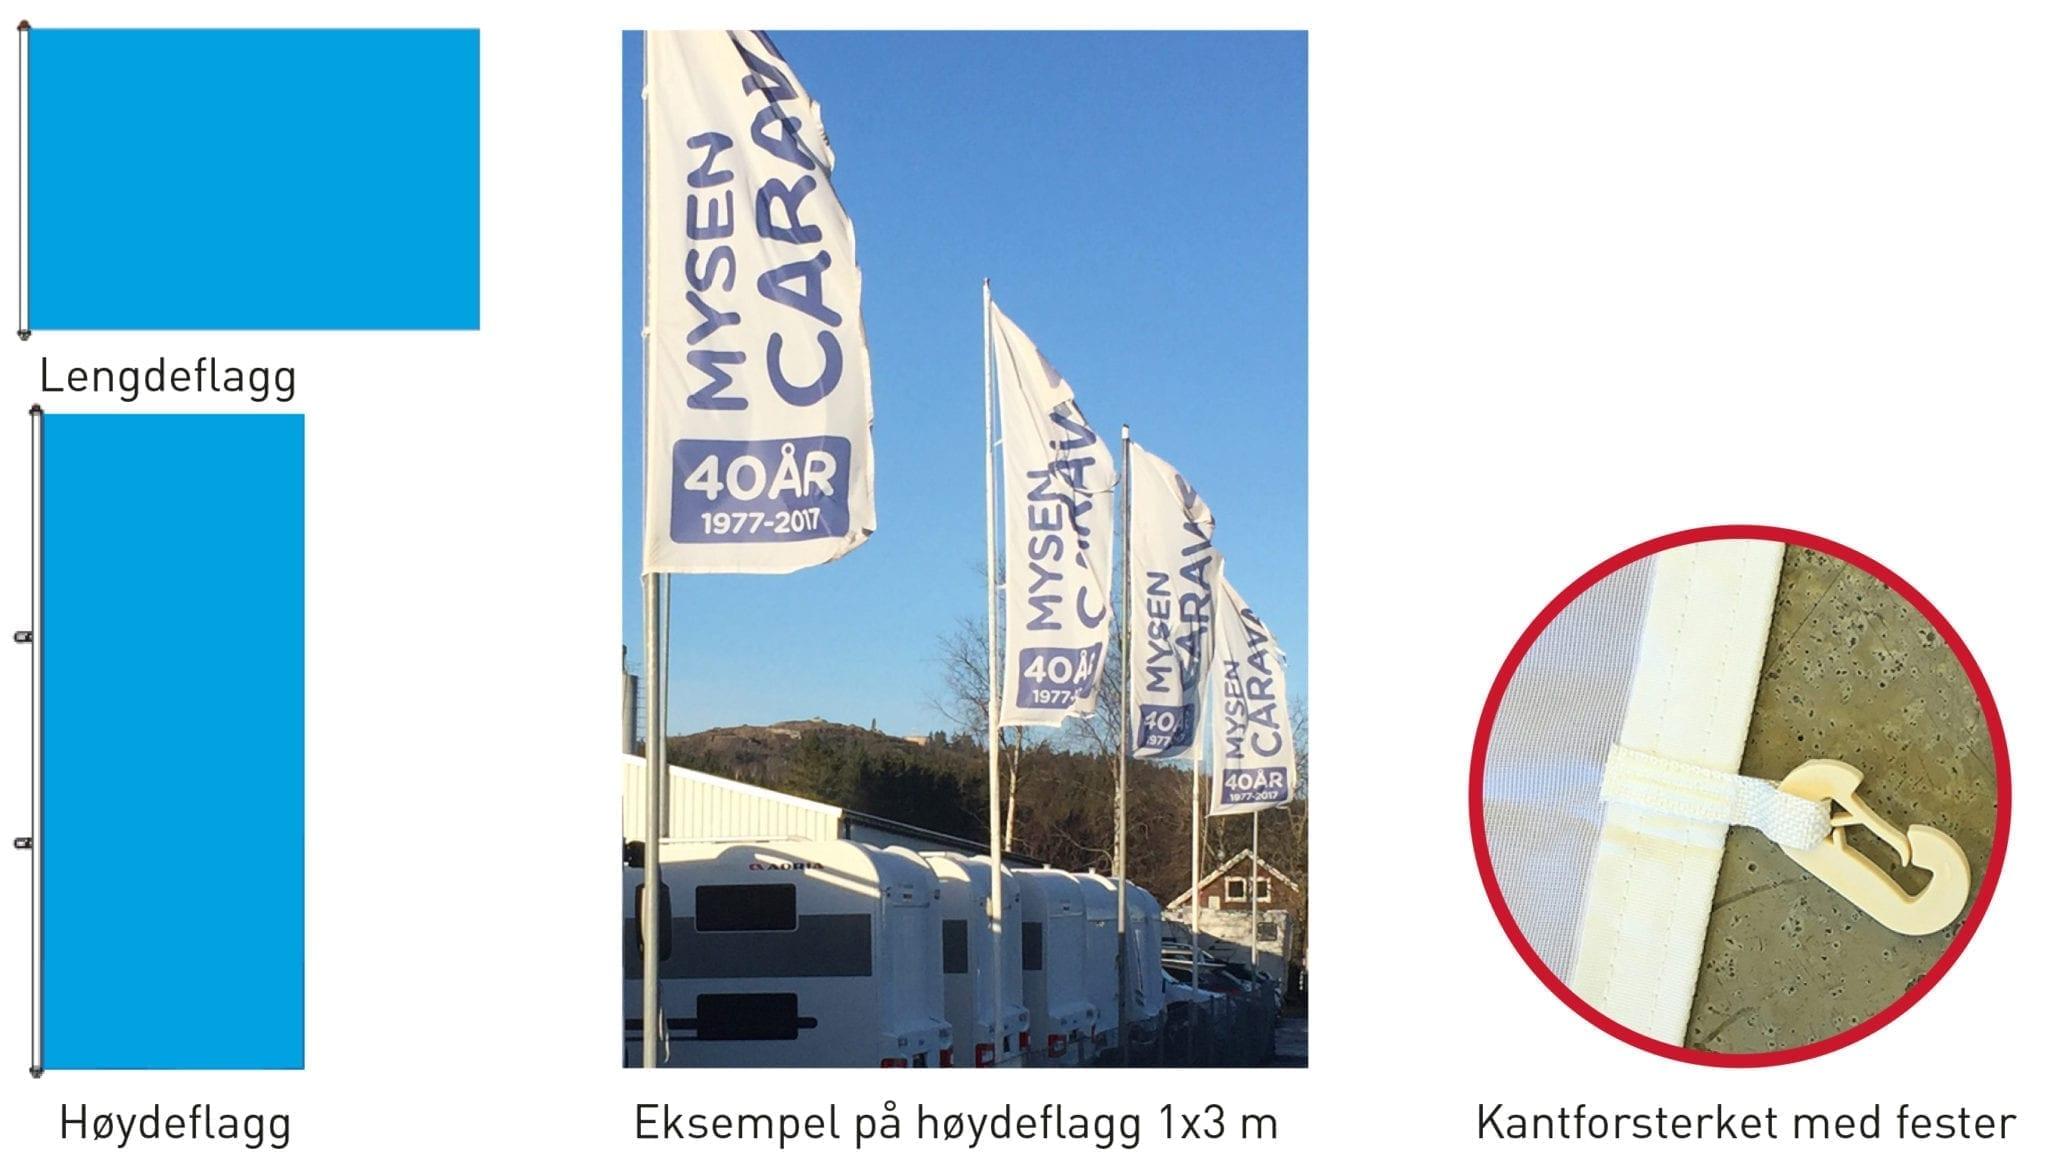 Eksempelbilder av flagg - Allprofil AS - Trykksaker - Profilering - Klær - Digital skilting - Tjenester - Kontakt